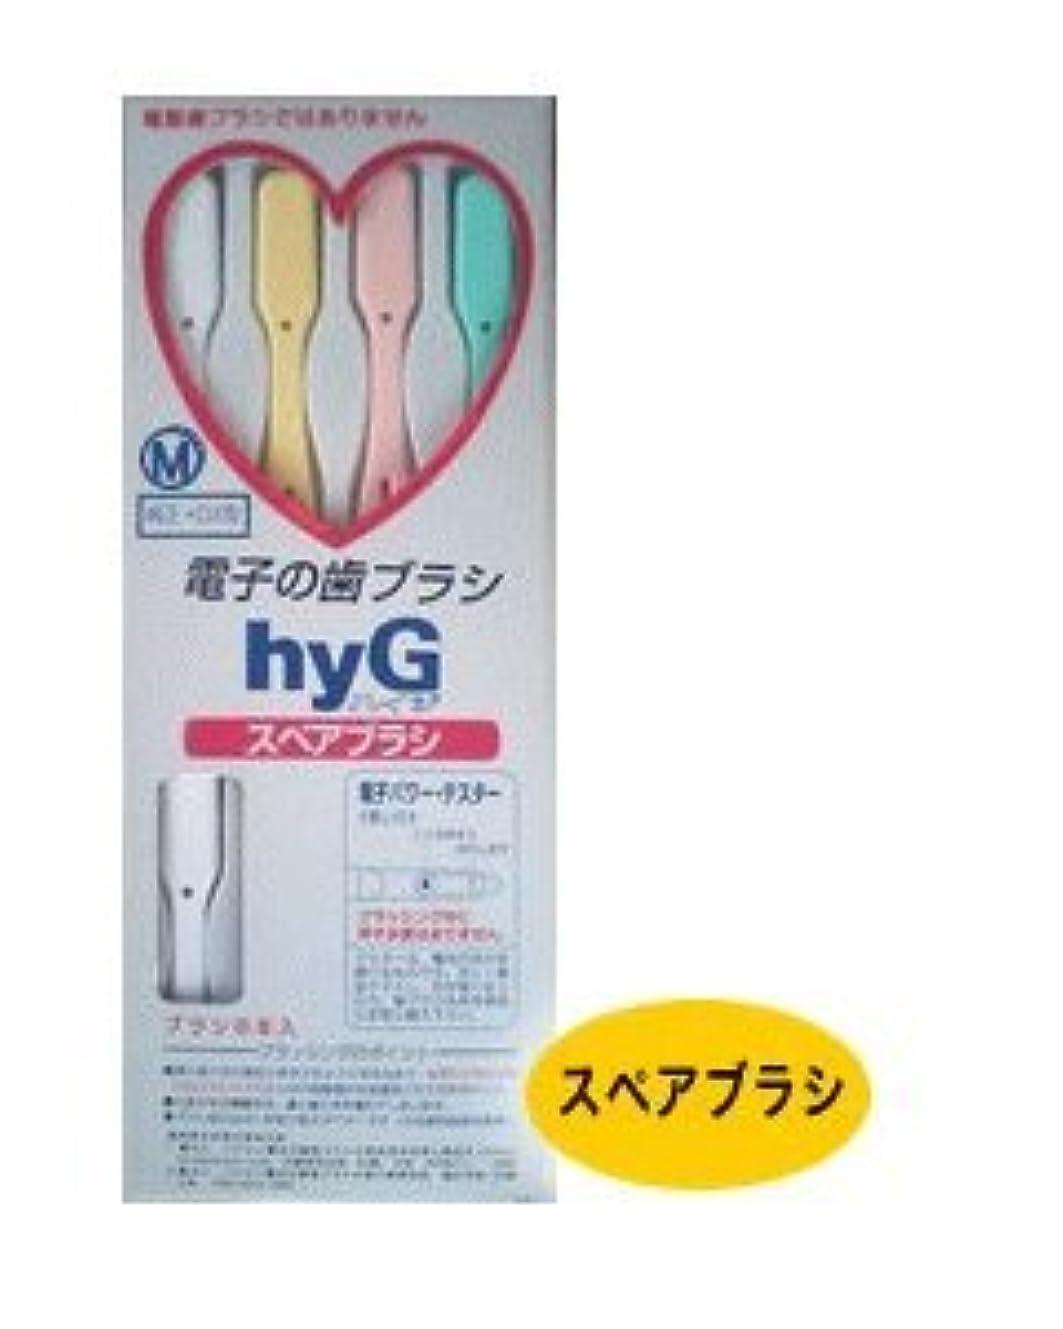 ビール拡張奪う電子の歯ブラシ ハイジ(hyG) スペアブラシ M(ミディアム) 【純正?DX型】